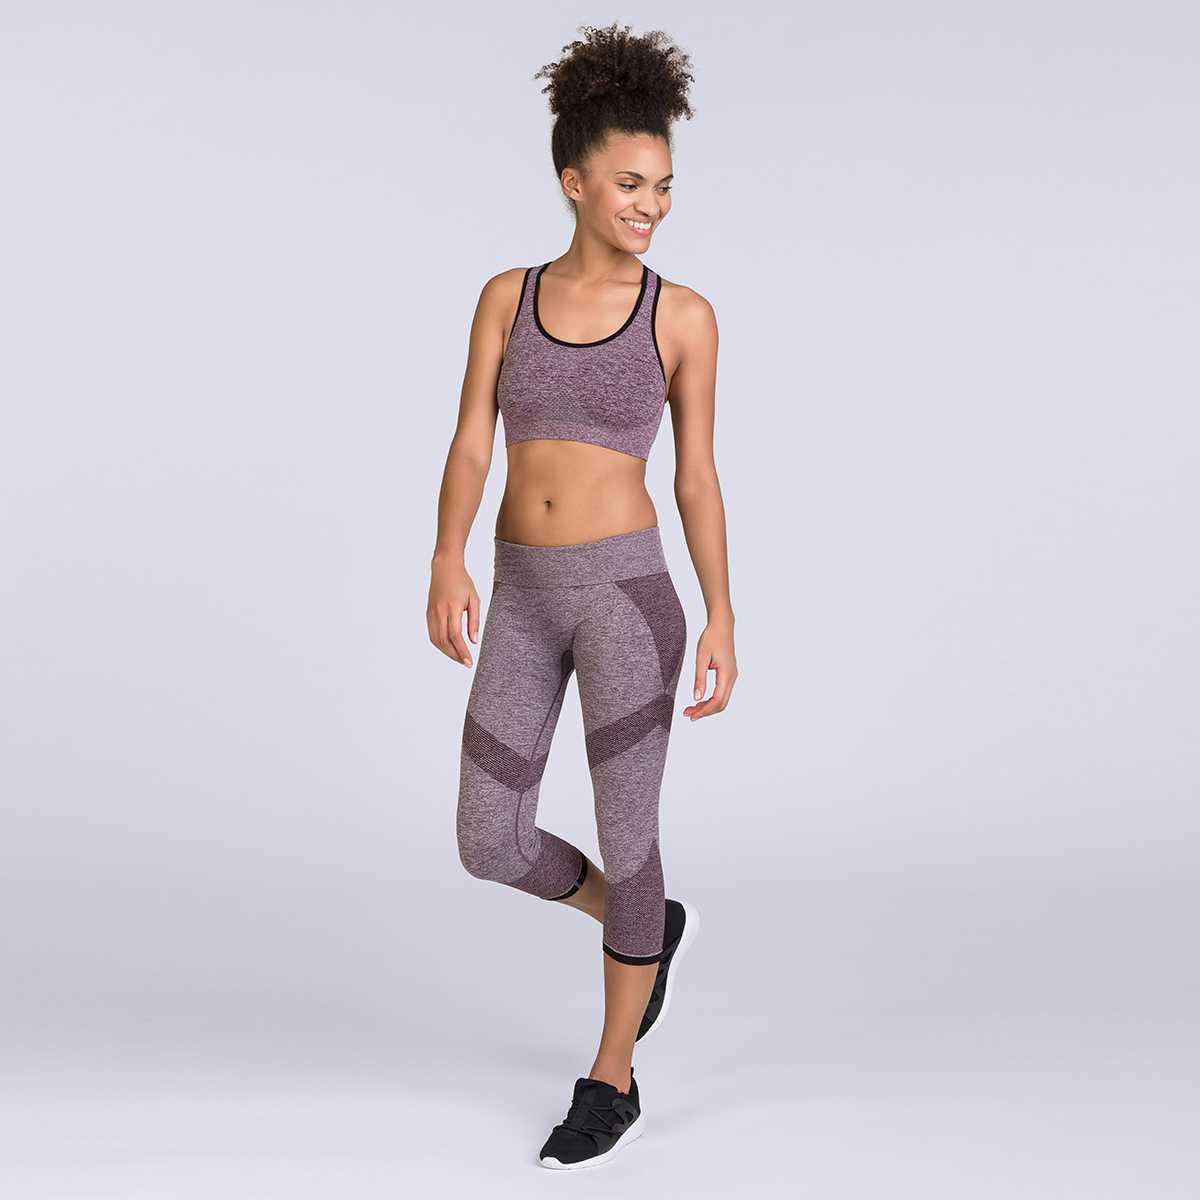 Sportif Sport Respirants Vêtements Femme De Look shBdtrQCx